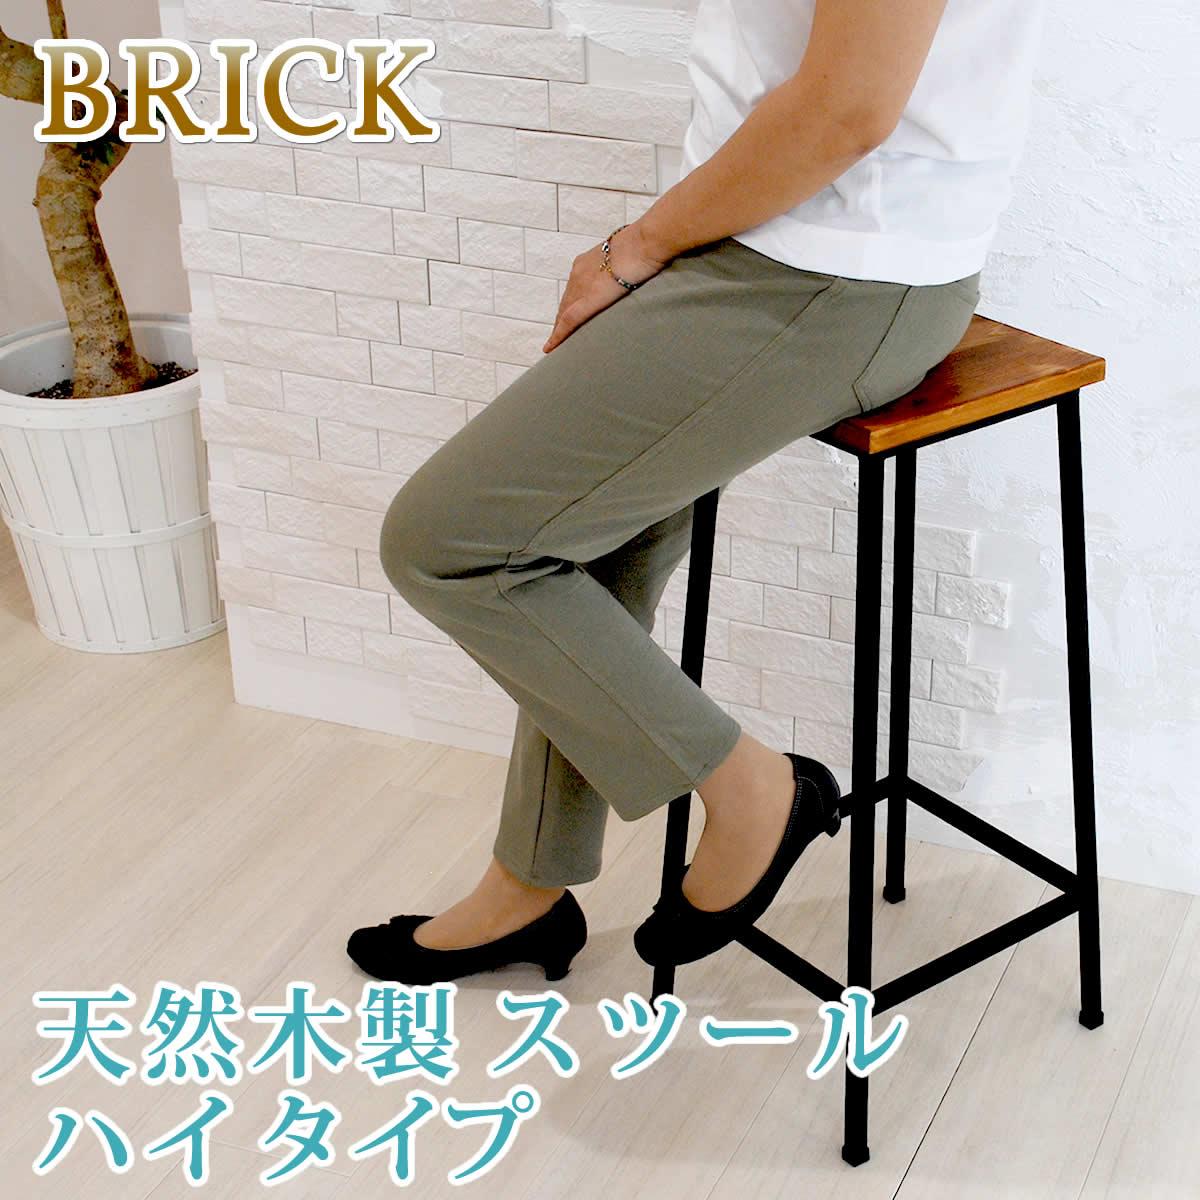 ブリック 天然木製スツール ハイタイプ PR-BS67HI